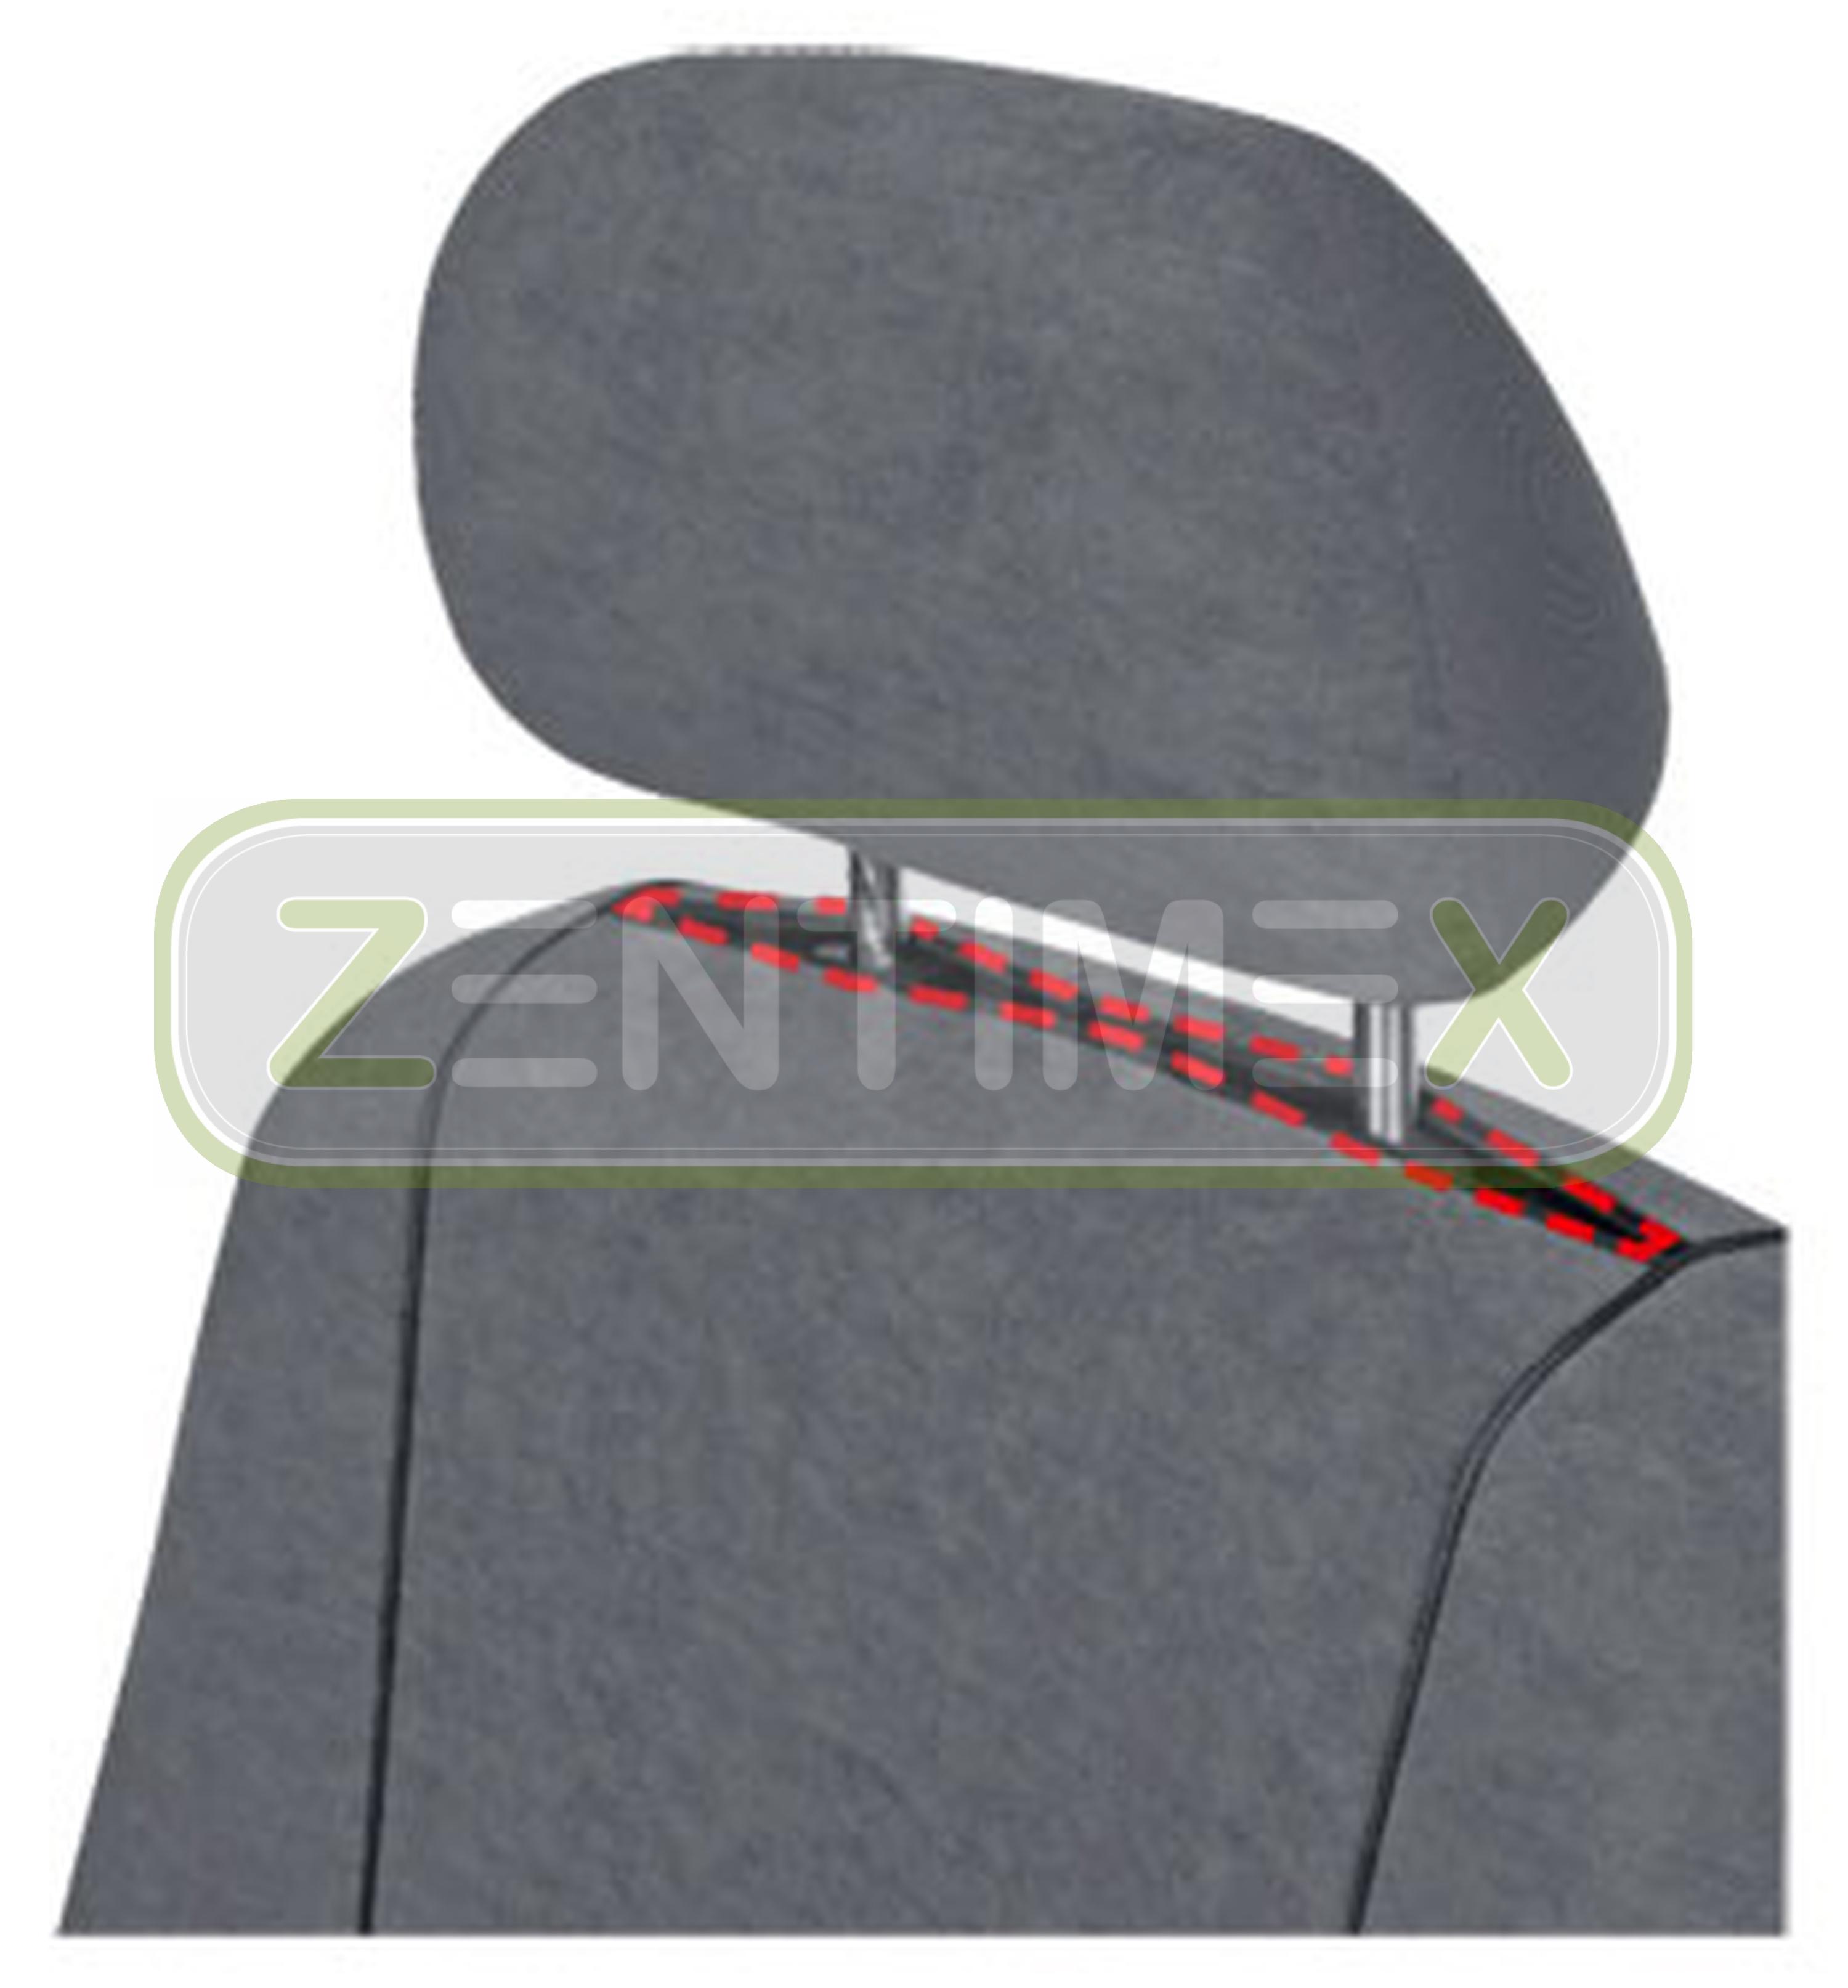 Sitzbezüge Schonbezüge SET EJ Peugeot Expert Stoff dunkel grau